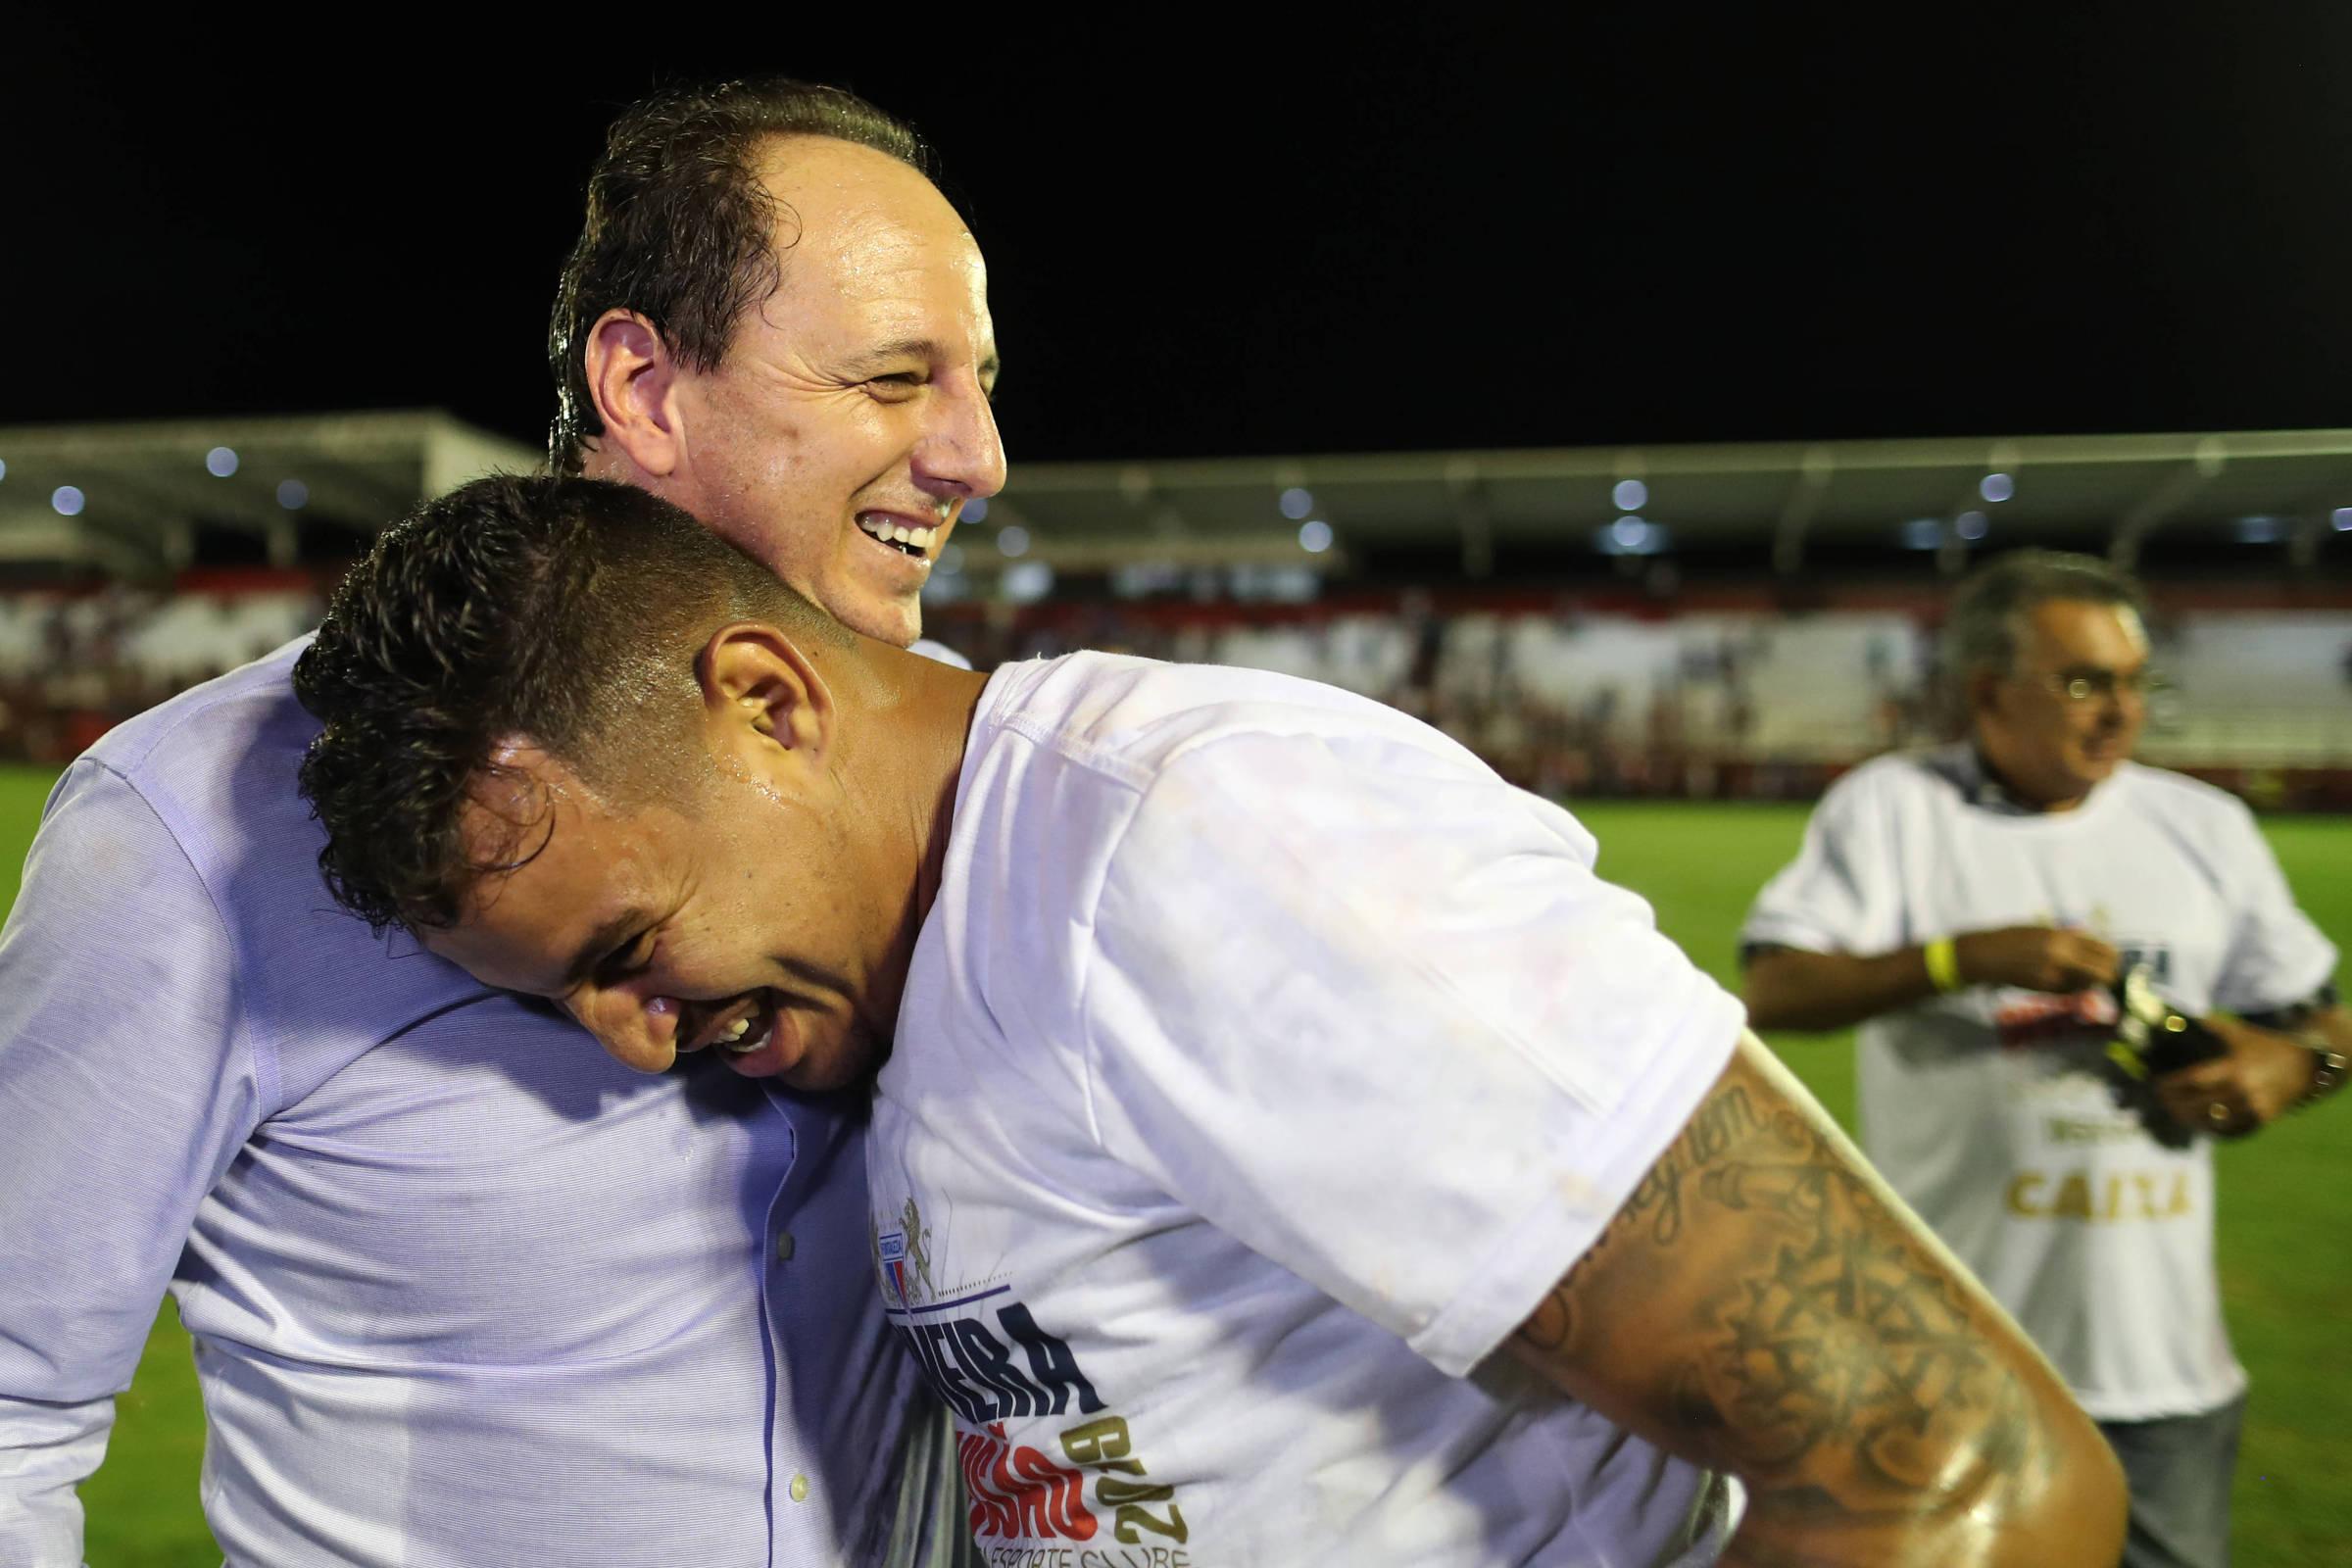 4ed8706ecb Fortaleza vence o Avaí e conquista o título da Série B do Brasileiro -  10 11 2018 - Esporte - Folha